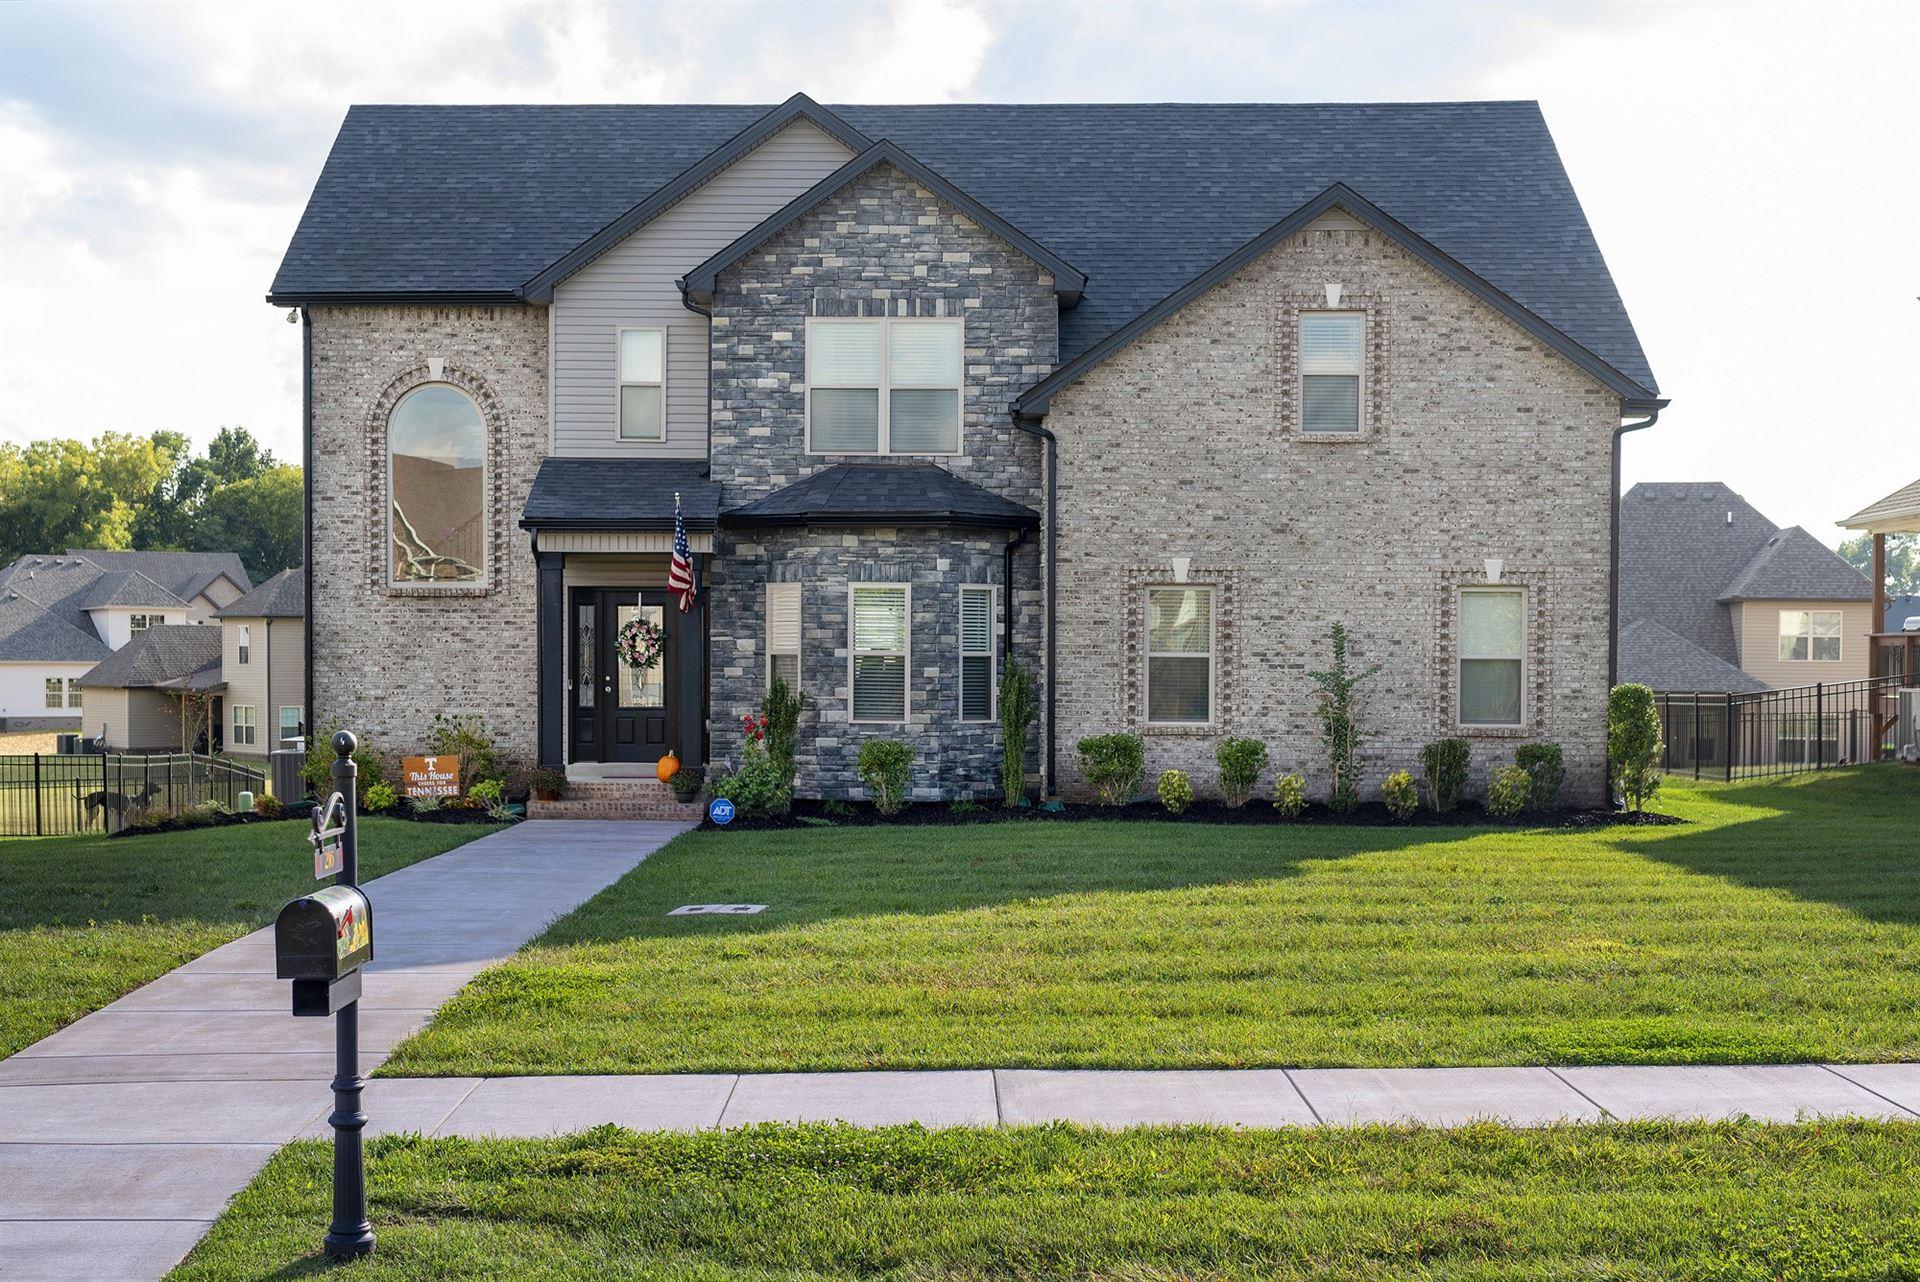 216 John Duke Tyler Blvd, Clarksville, TN 37043 - MLS#: 2193679